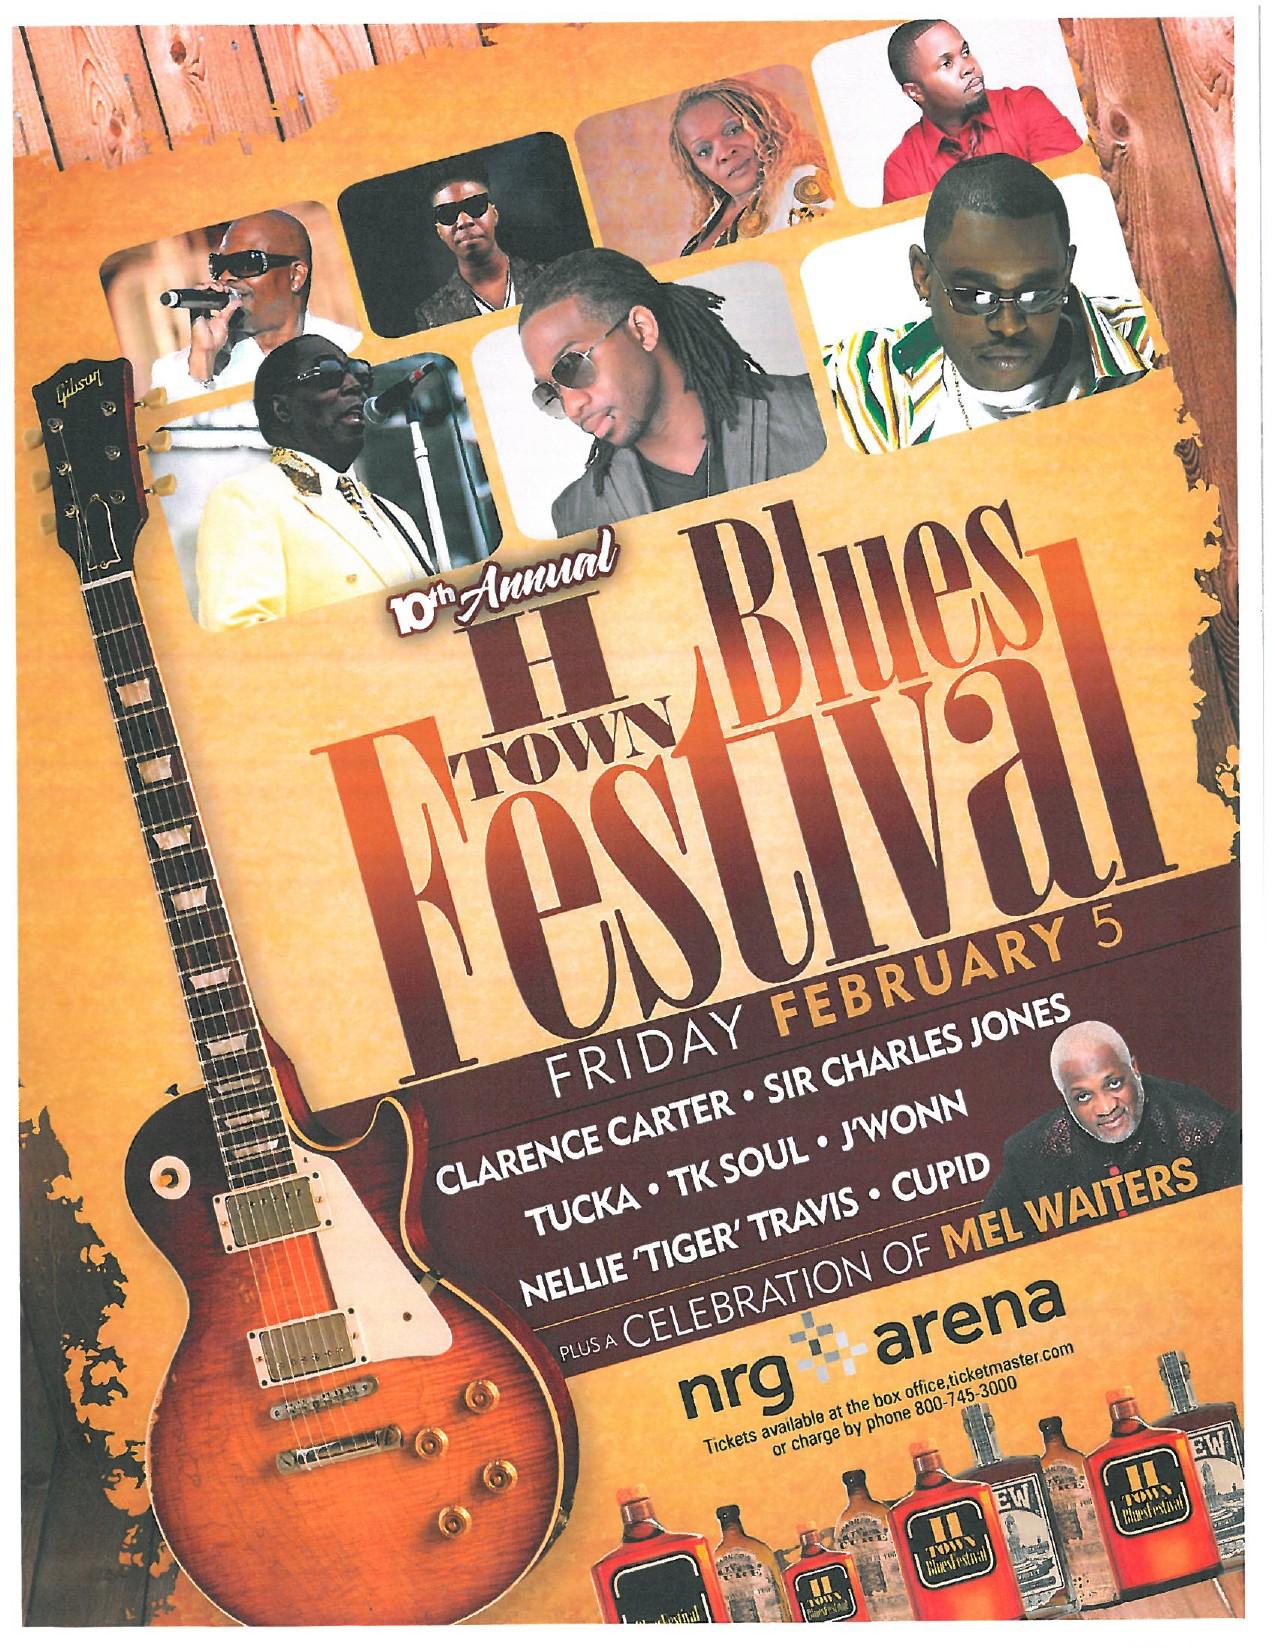 2016 H-Town Blues Festival